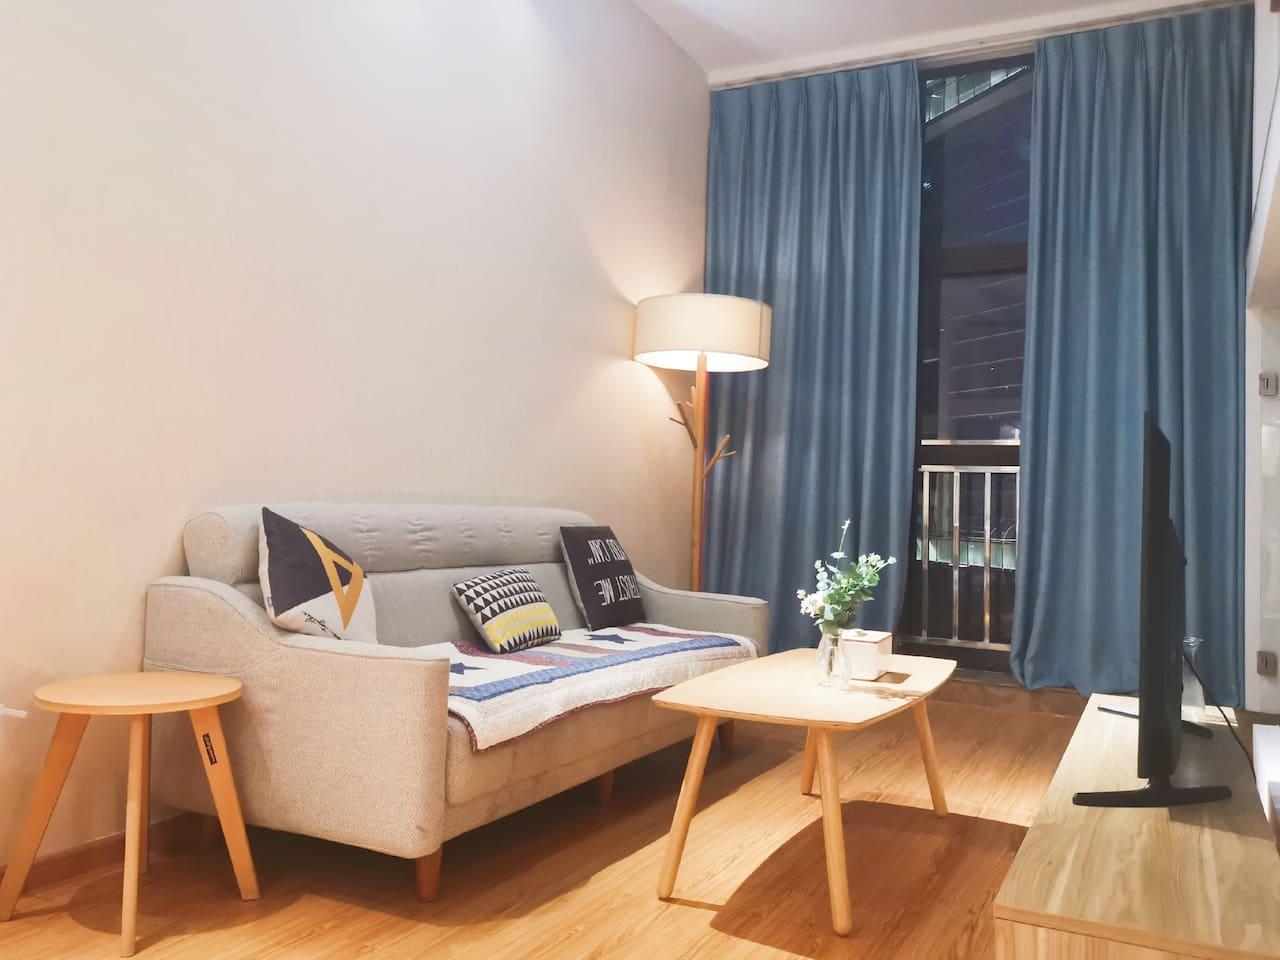 房屋内最新实景更新,新增更多品质软装。